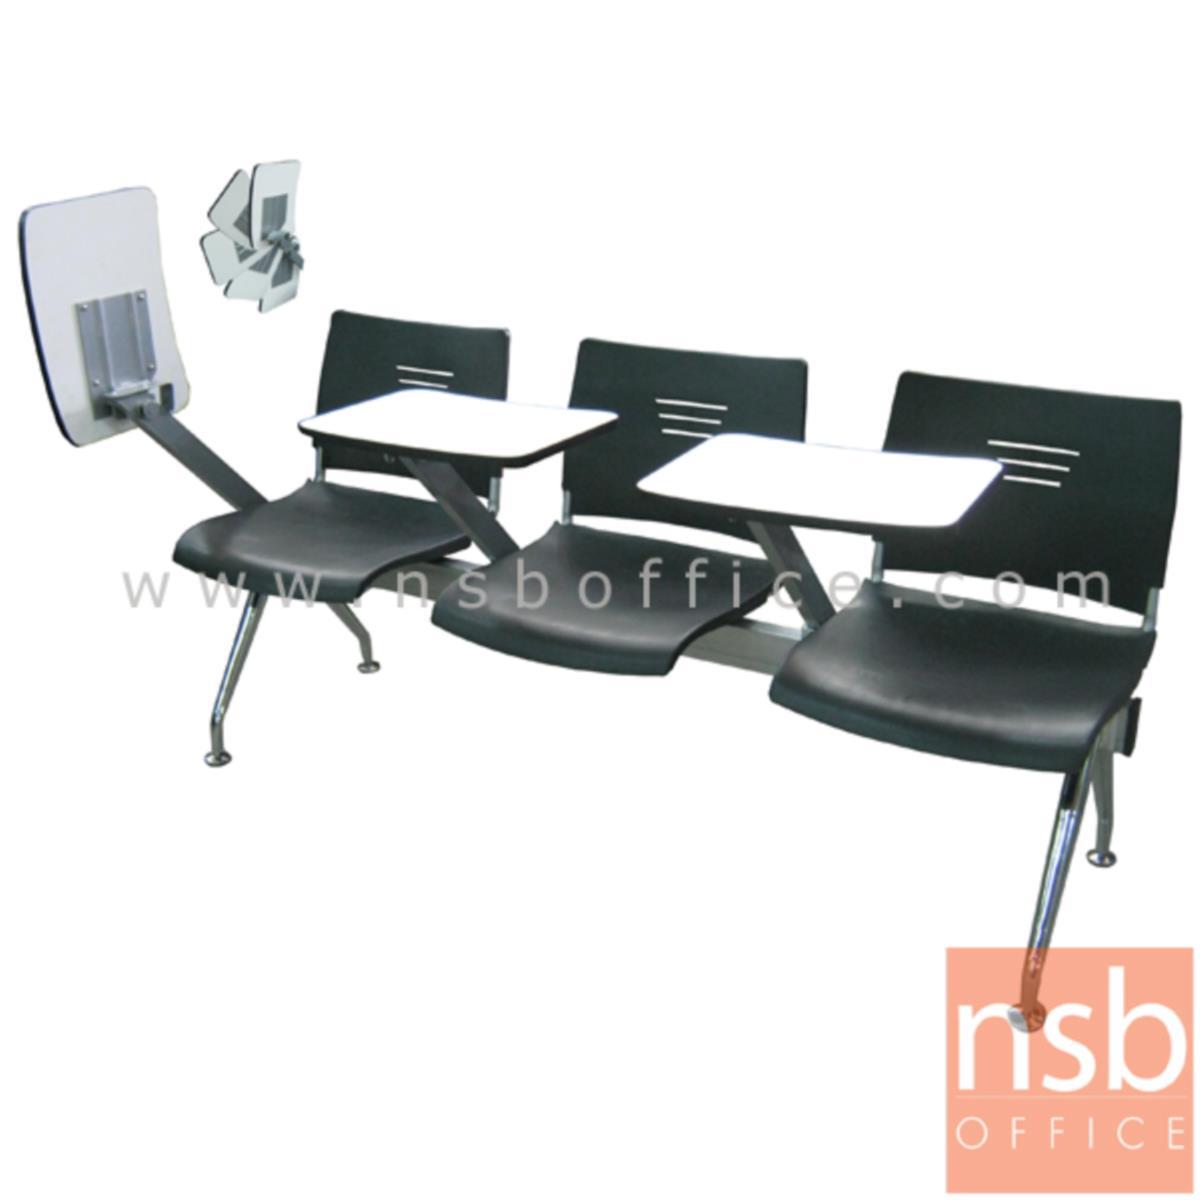 B06A107:เก้าอี้เลคเชอร์แถวเฟรมโพลี่ รุ่น Welker (เวลเกอร์) 2 ,3 และ 4 ที่นั่ง ขาเหล็กชุบโครเมี่ยม